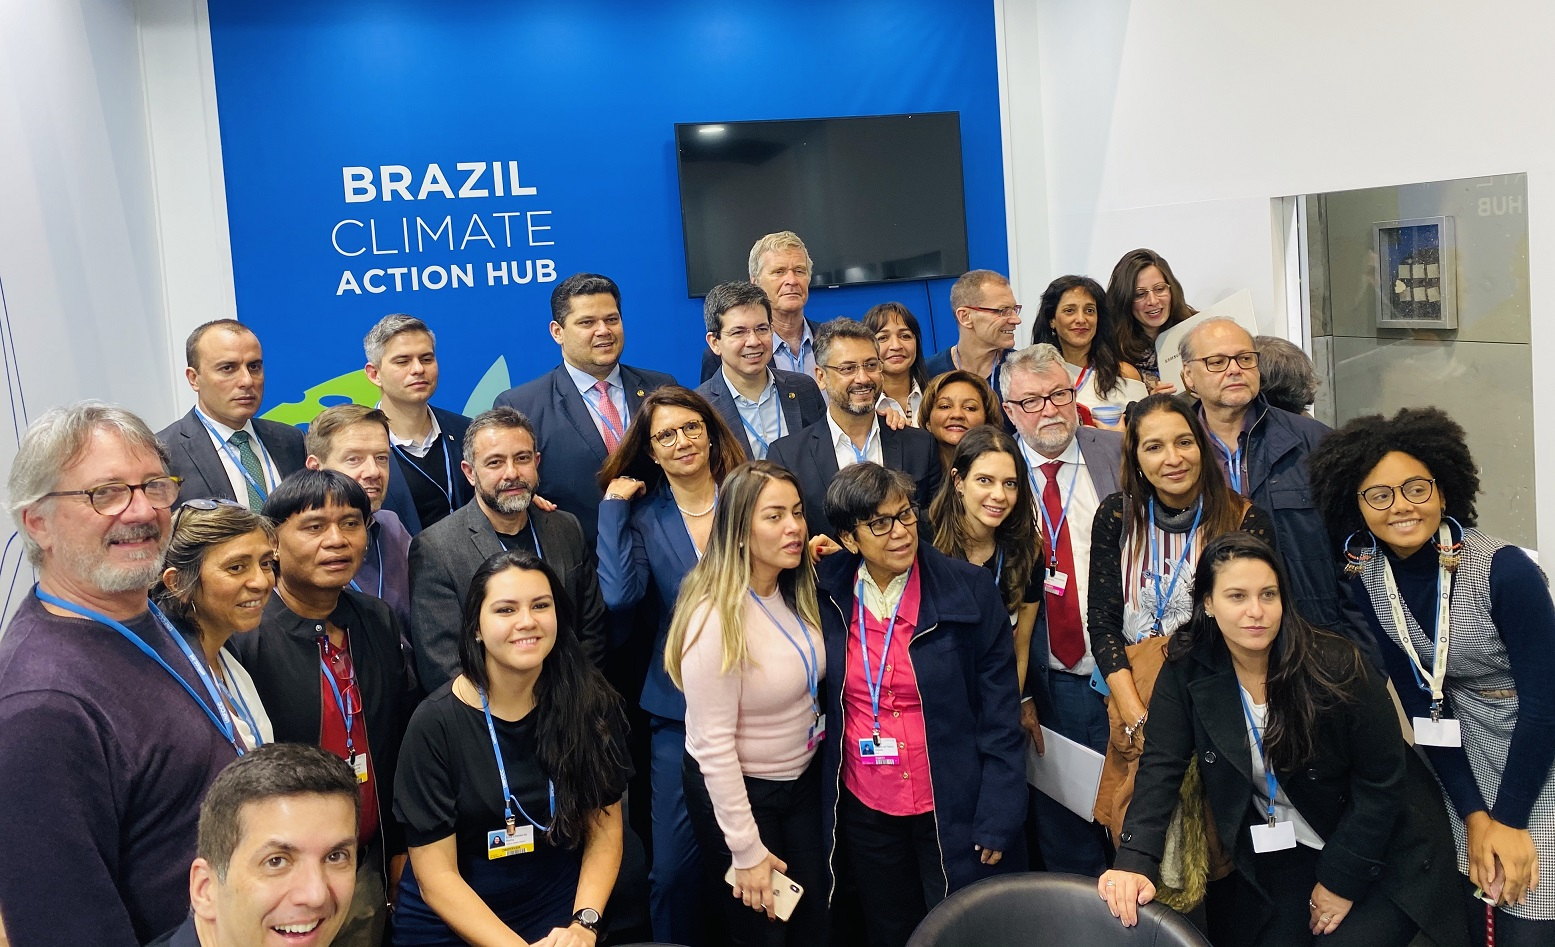 Alfredo Sirkis e ambientalistas brasileiros na COP 25, em Madri (2019). Foto Arquivo Pessoal